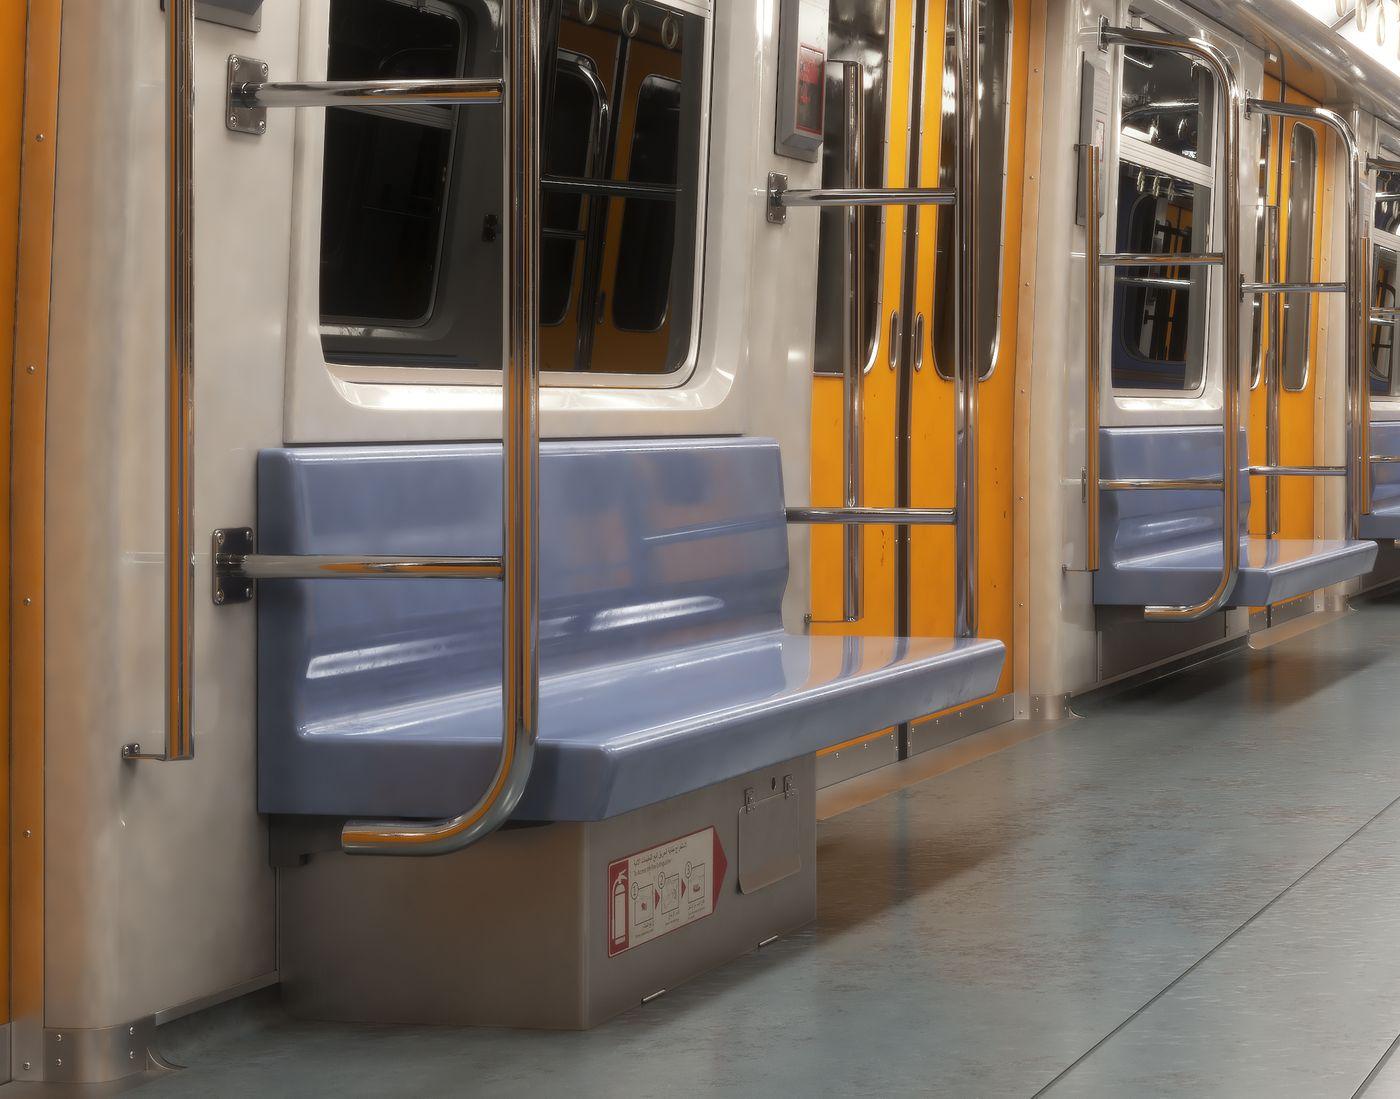 2 1 Metro Edit Crop0 Tareklatif